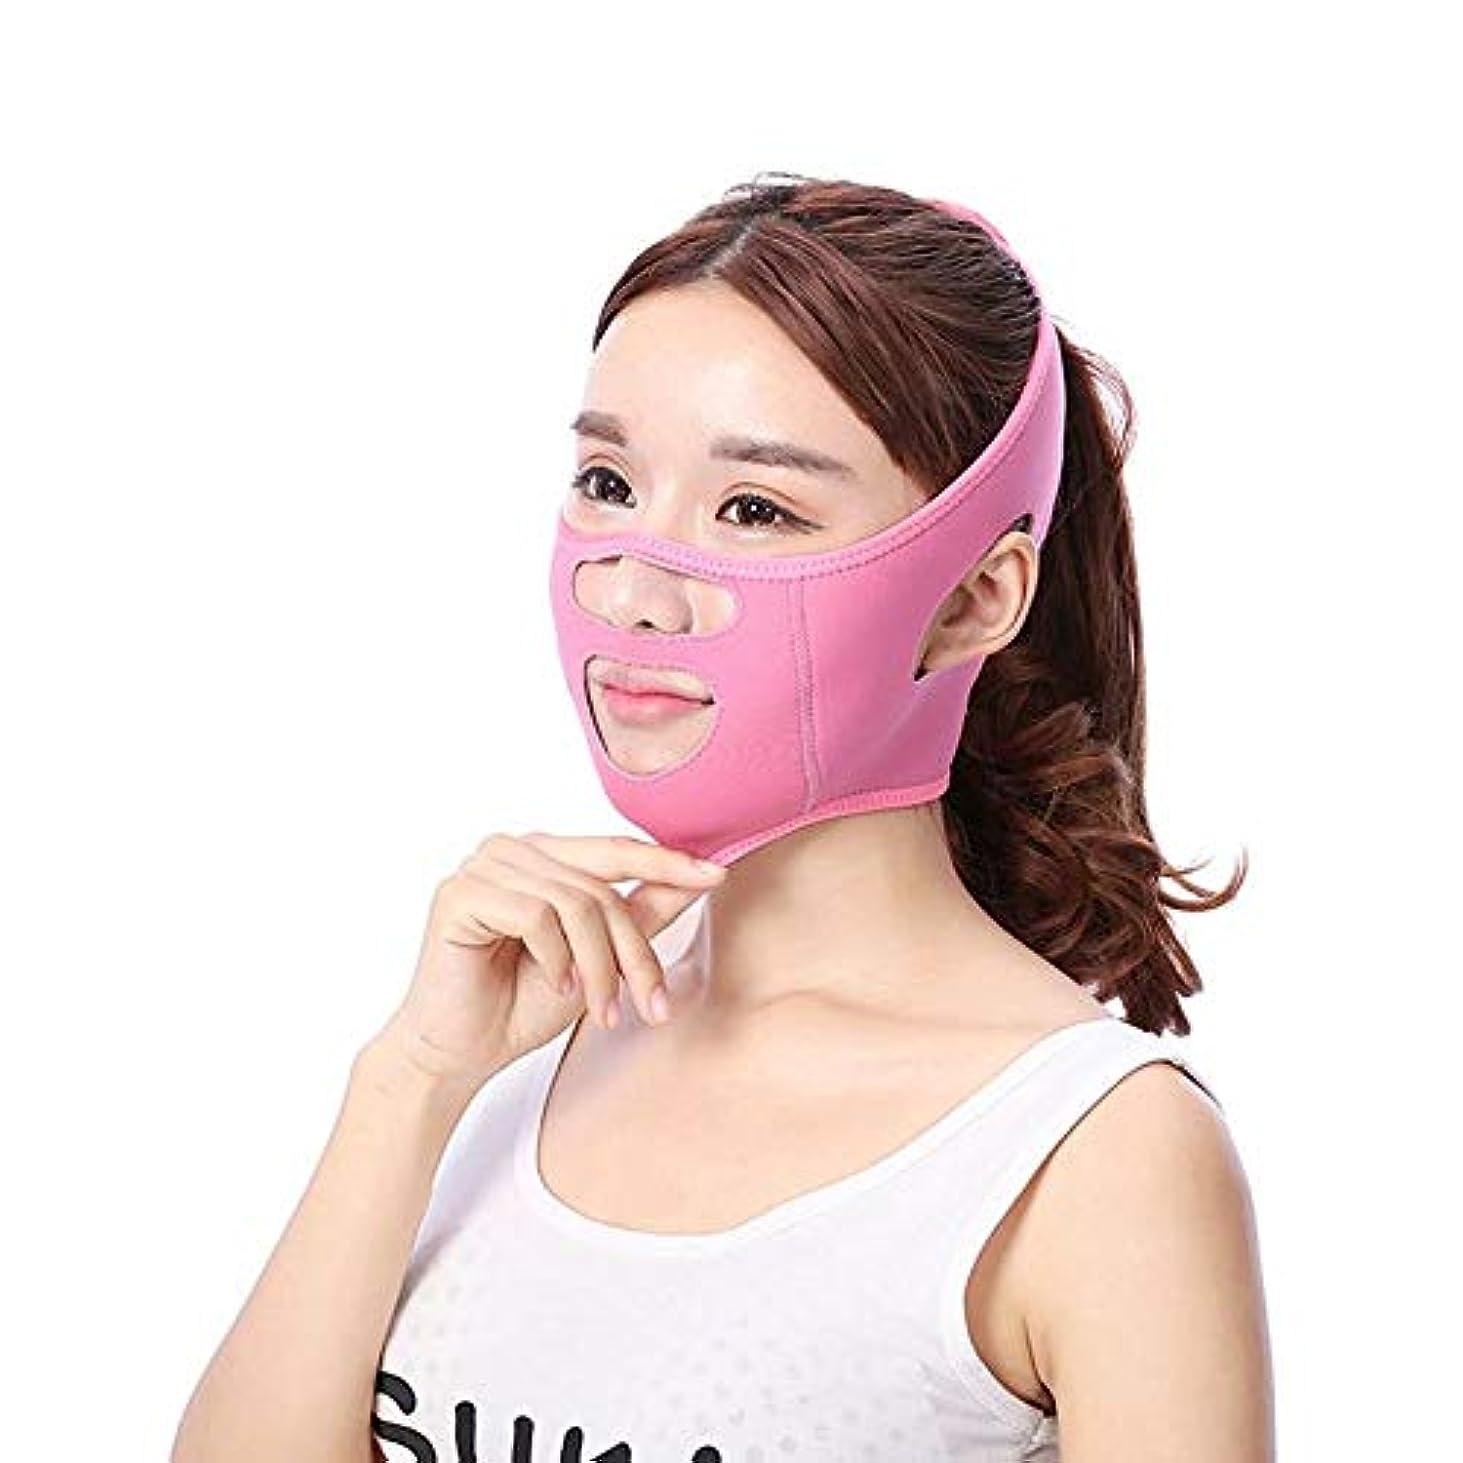 お香識別する蒸気Jia Jia- シンフェイスアーティファクトリフティング引き締めフェイス睡眠包帯フェイシャルリフティングアンチ垂れ下がり法律パターンステッカー8ワード口角 - ピンク 顔面包帯